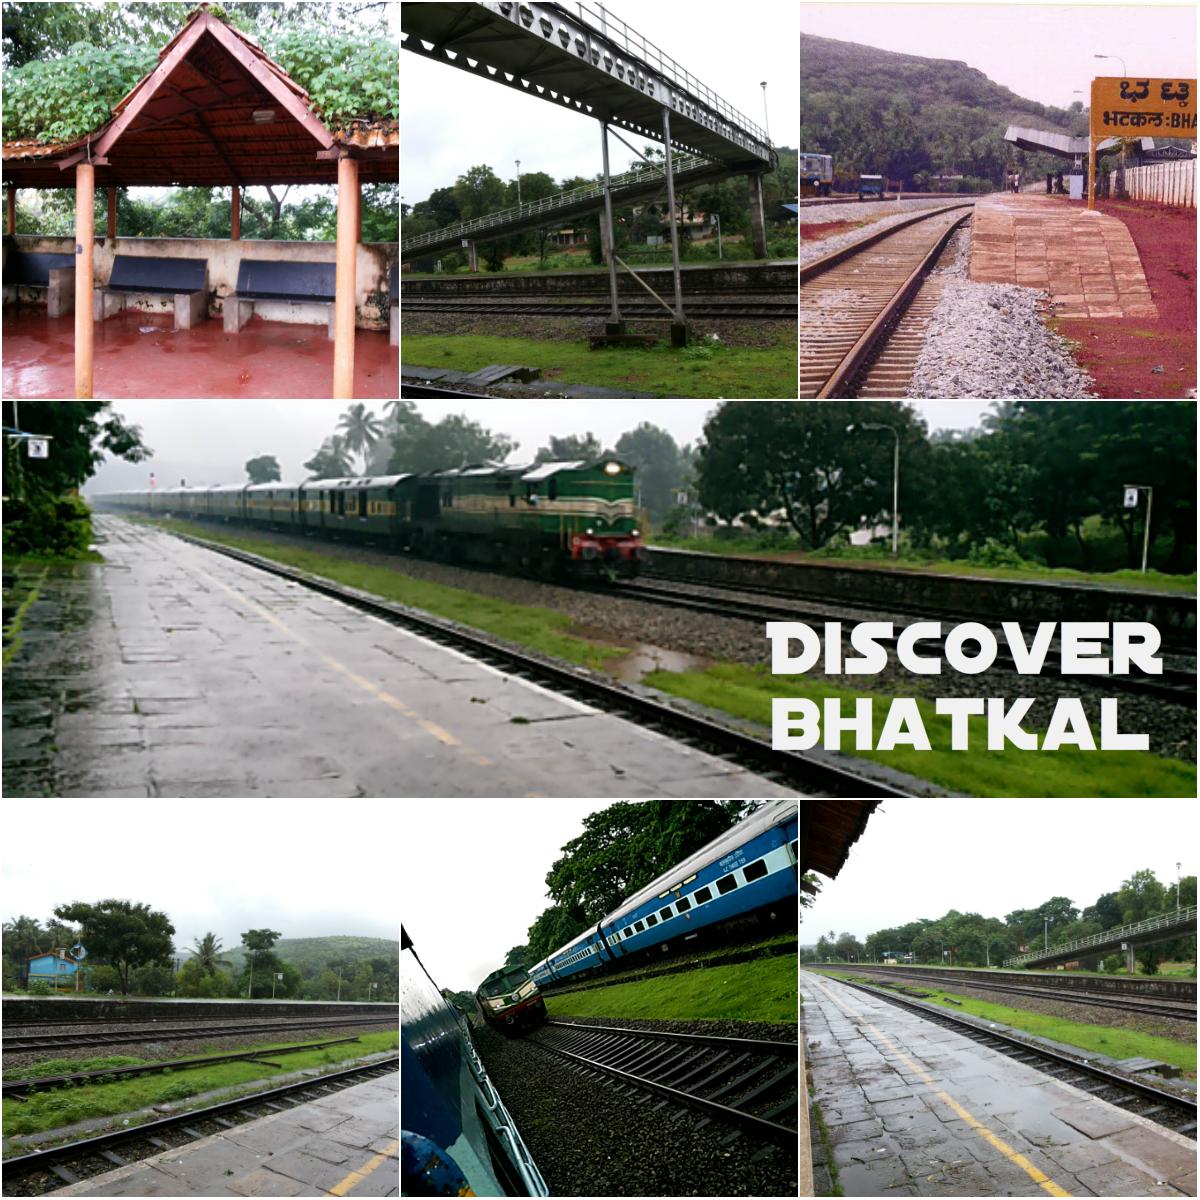 bhatkal railway station